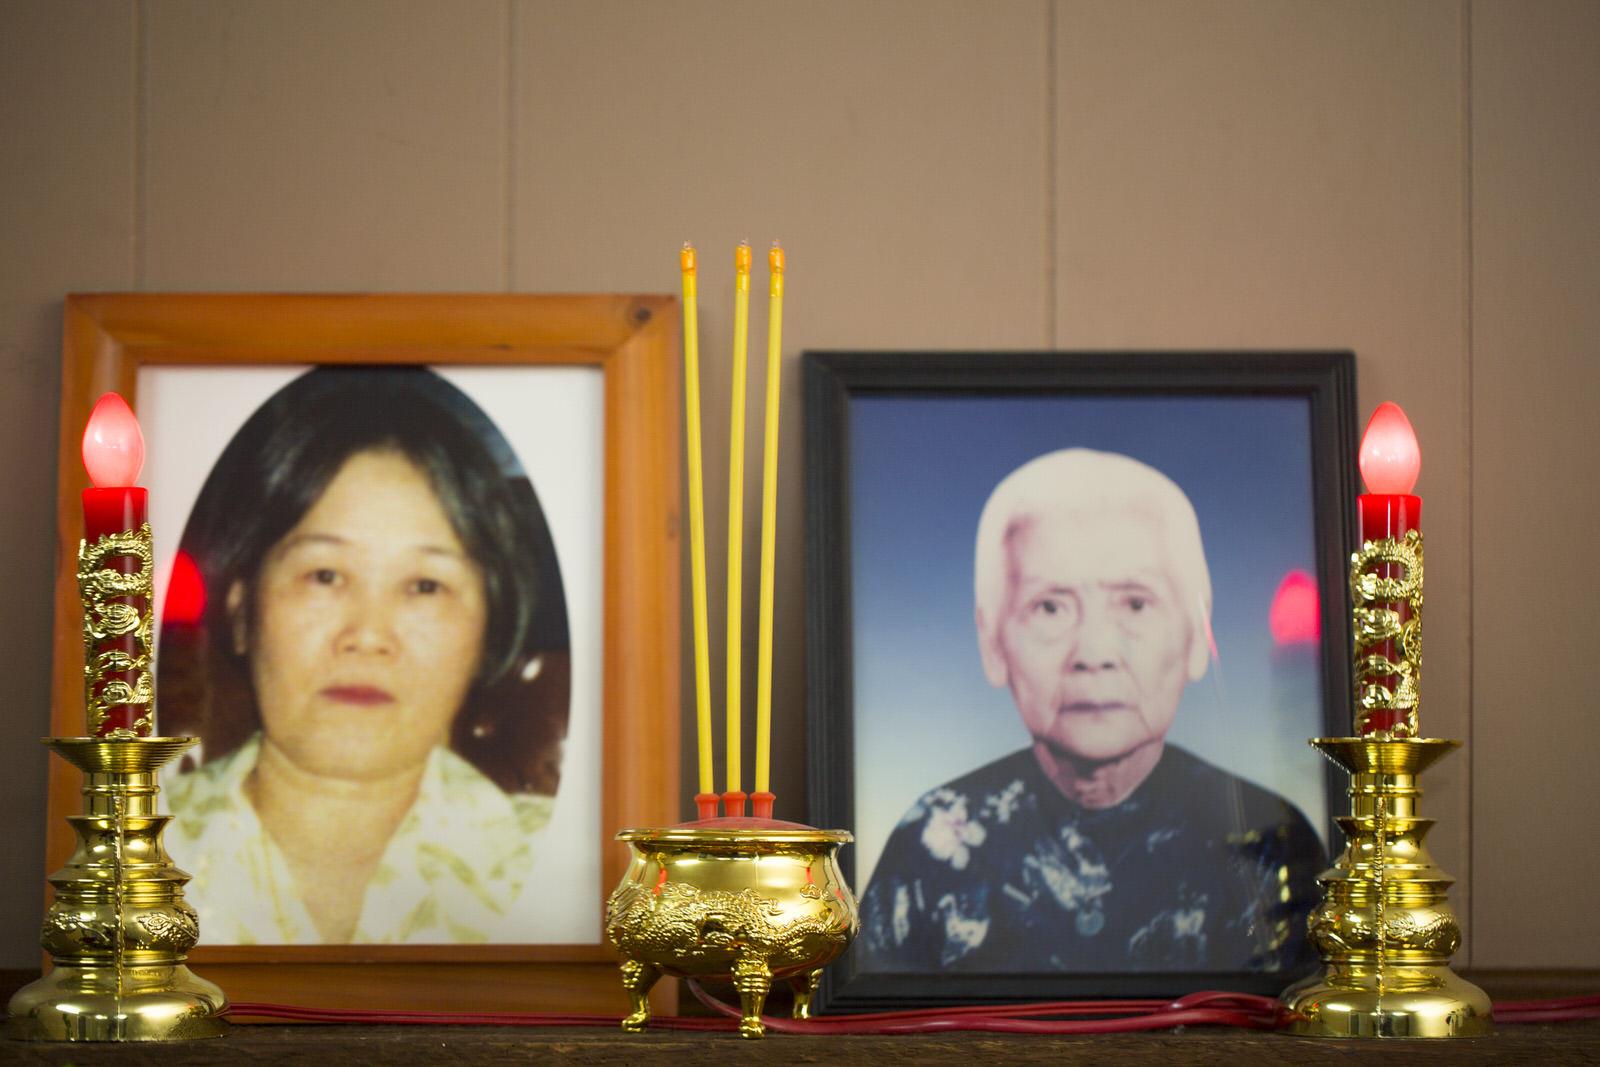 Thanh & Linh_4.JPG